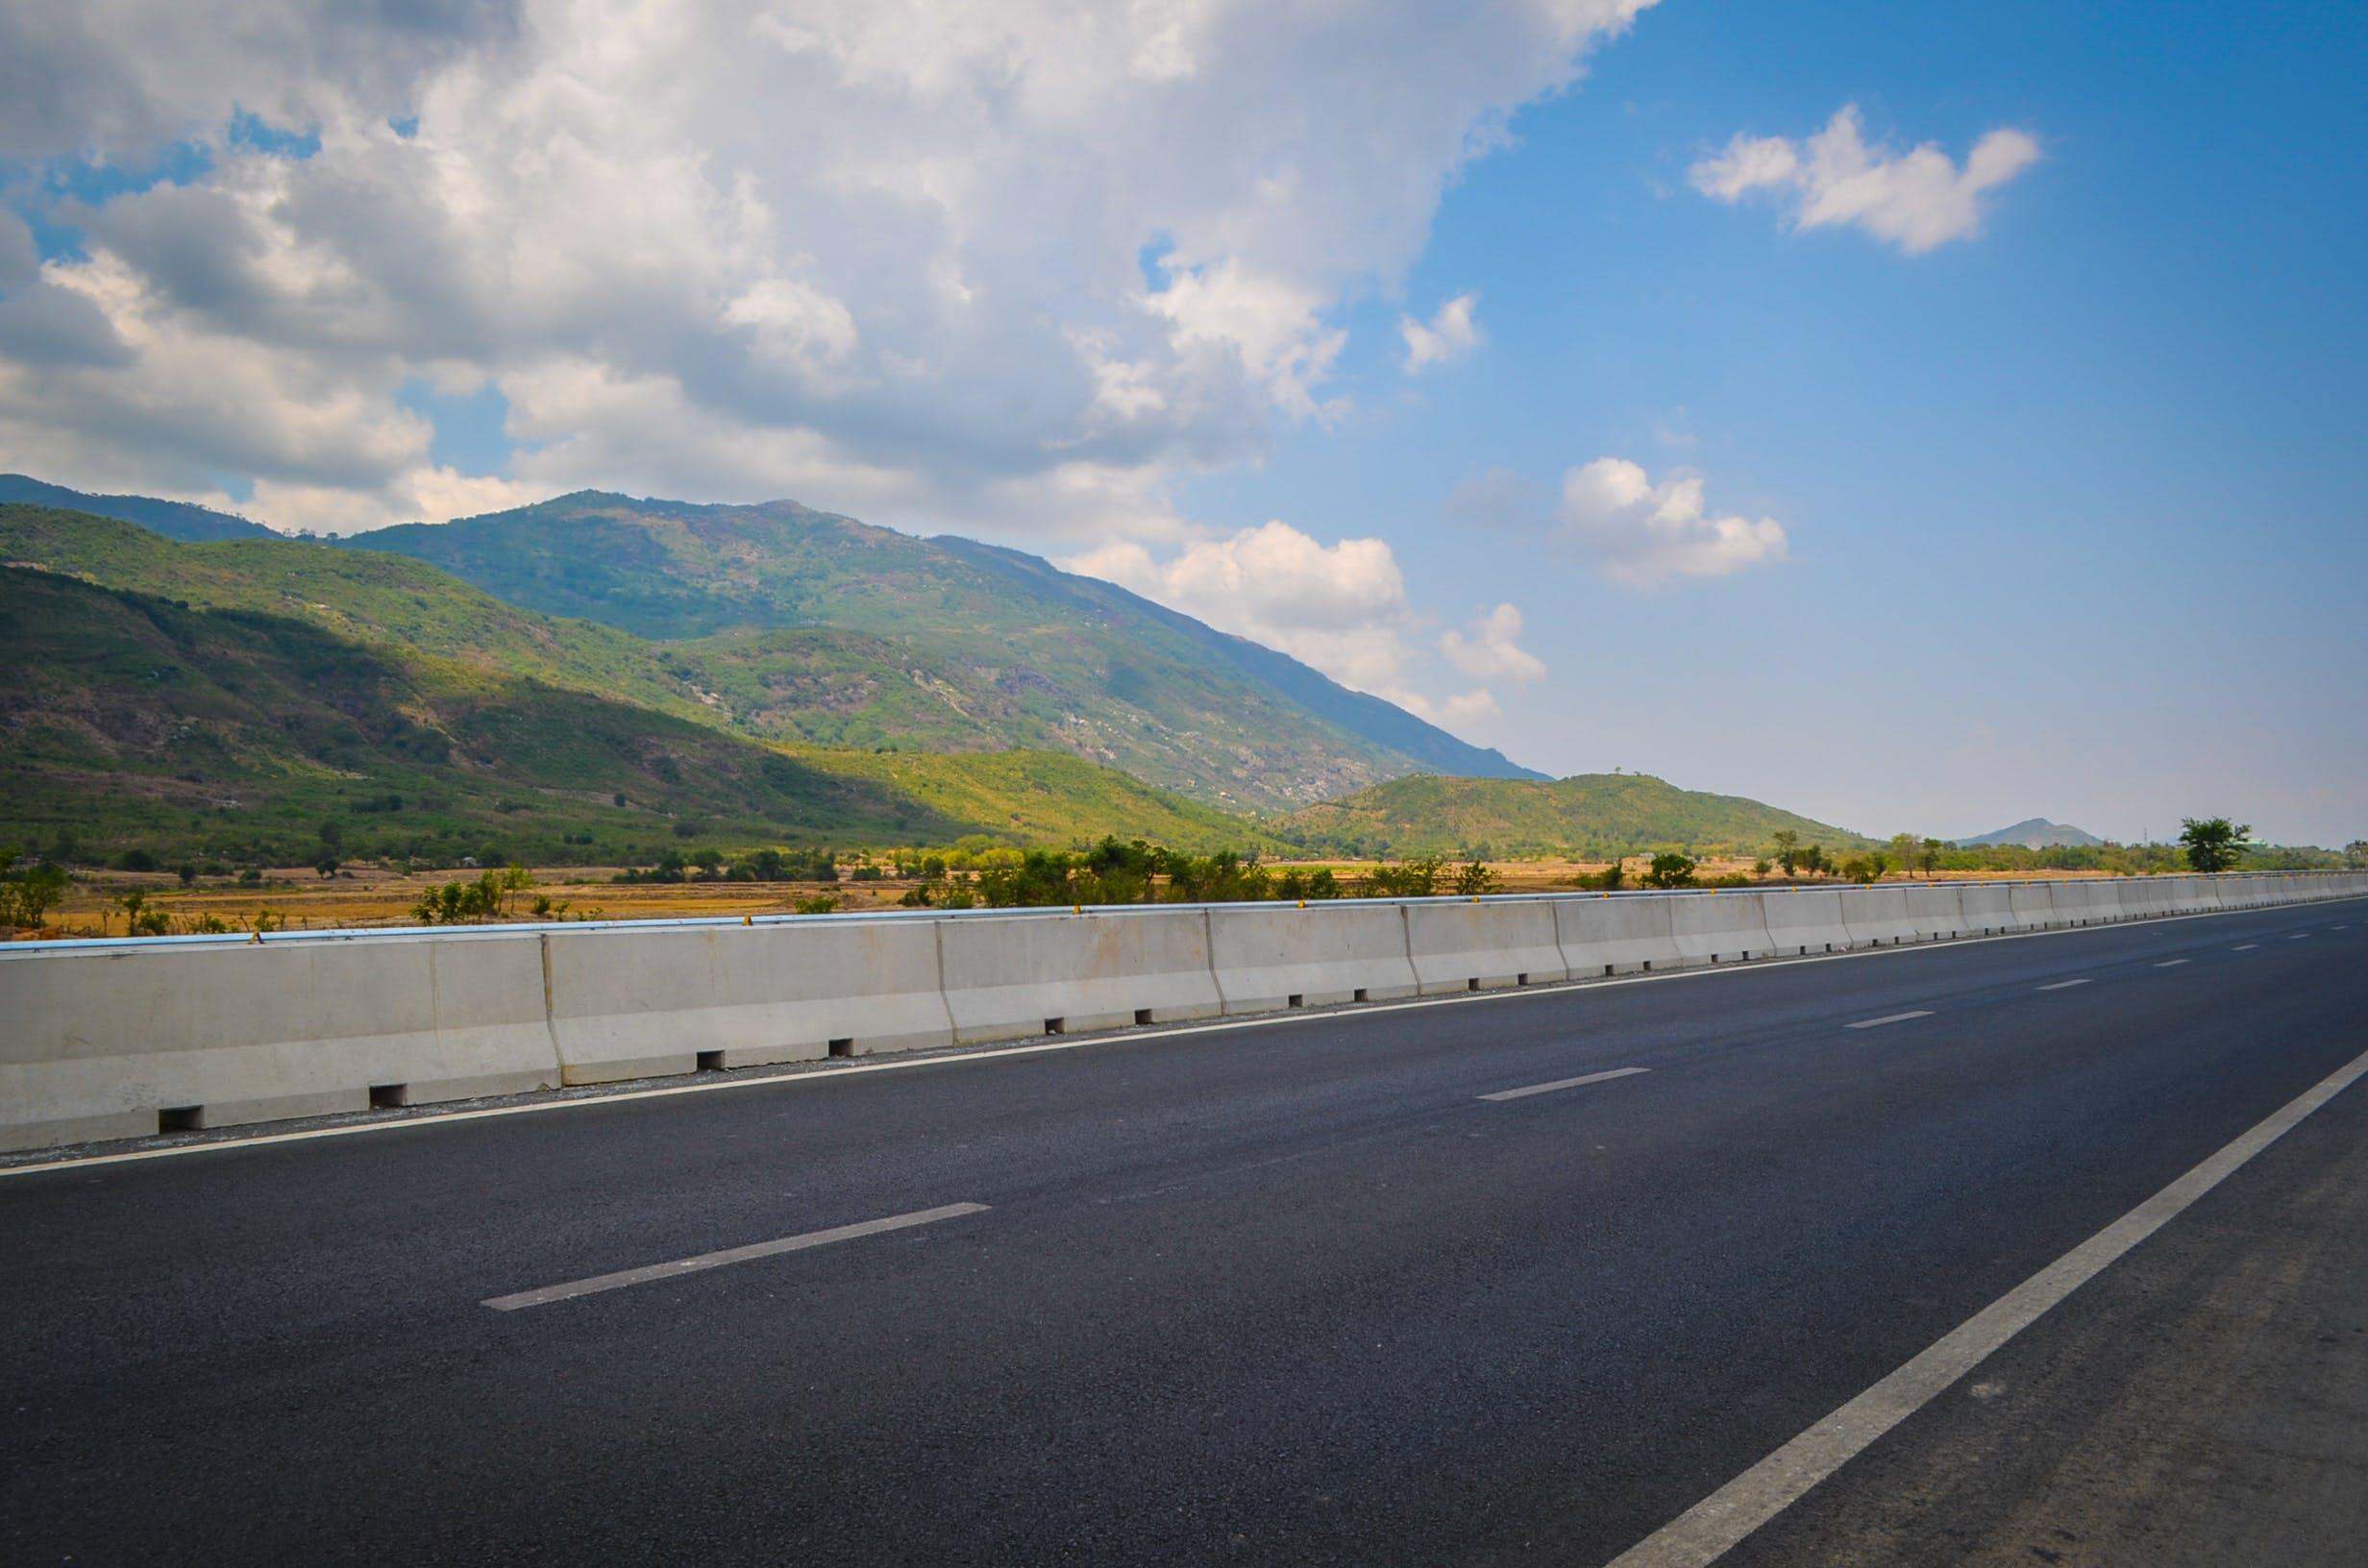 Free stock photo of mountain, road trip